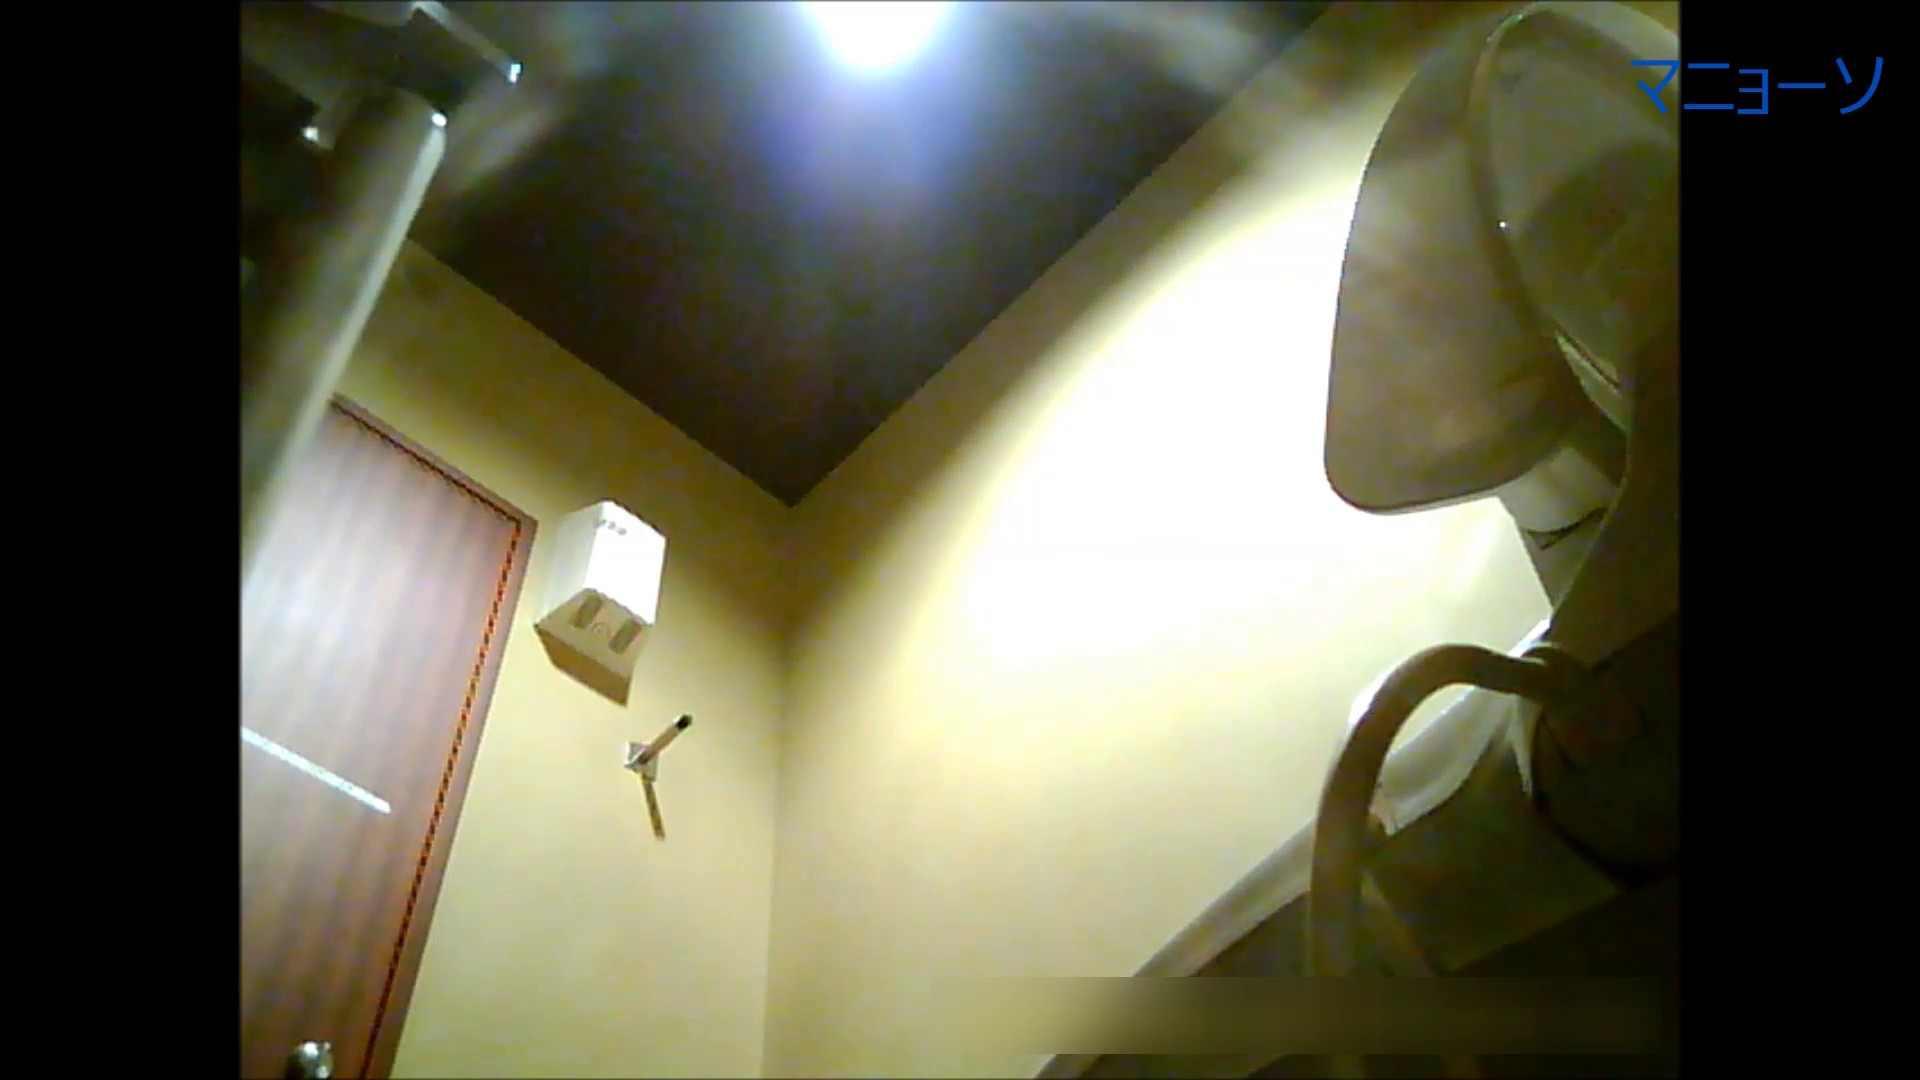 トイレでひと肌脱いでもらいました (番外編)Vol.01 トイレの実態  87PIX 4